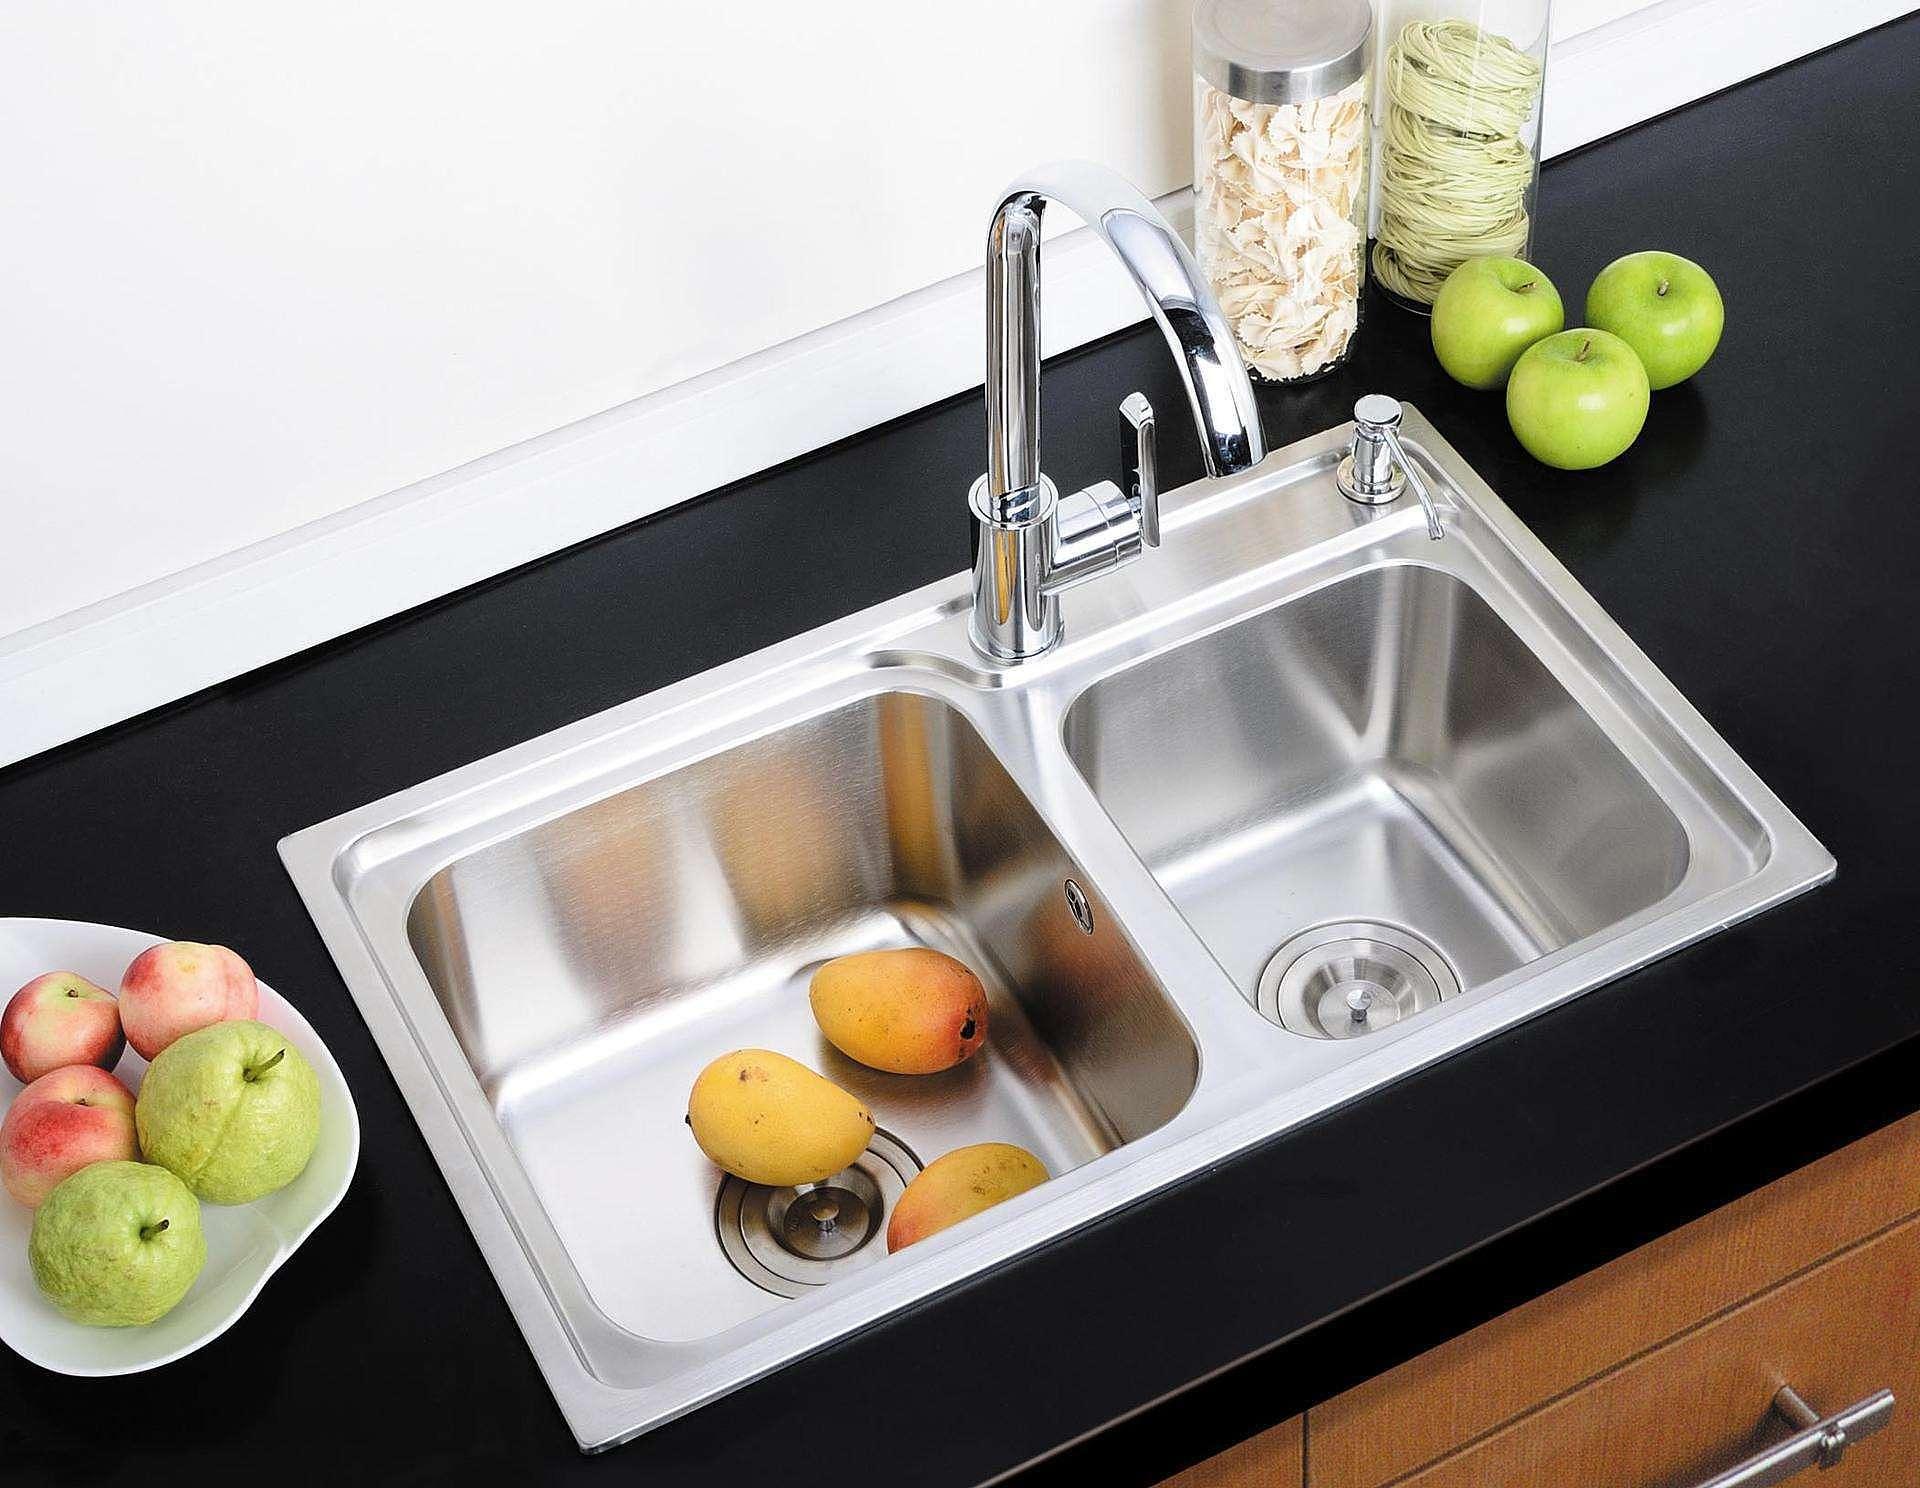 厨房水槽摆放风水禁忌 4大点要注意